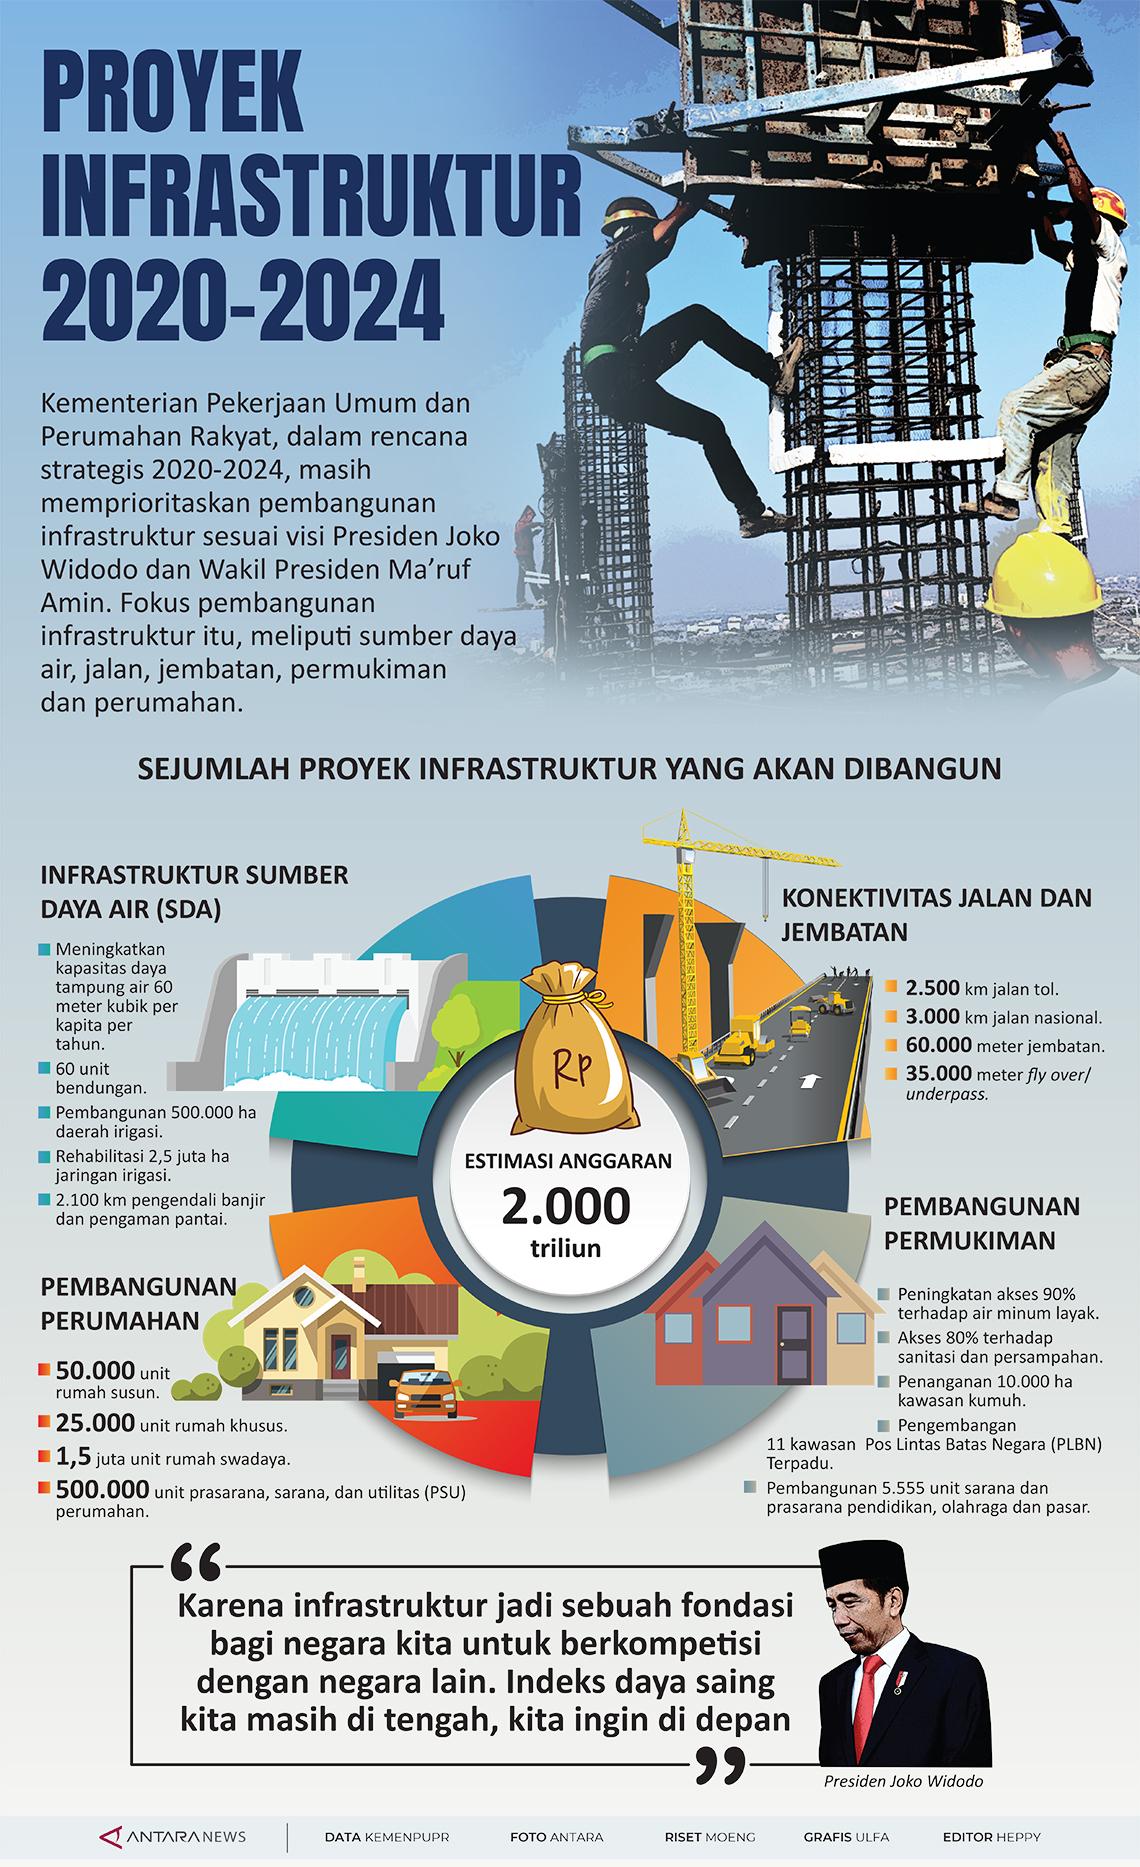 Proyek infrastruktur 2020-2024